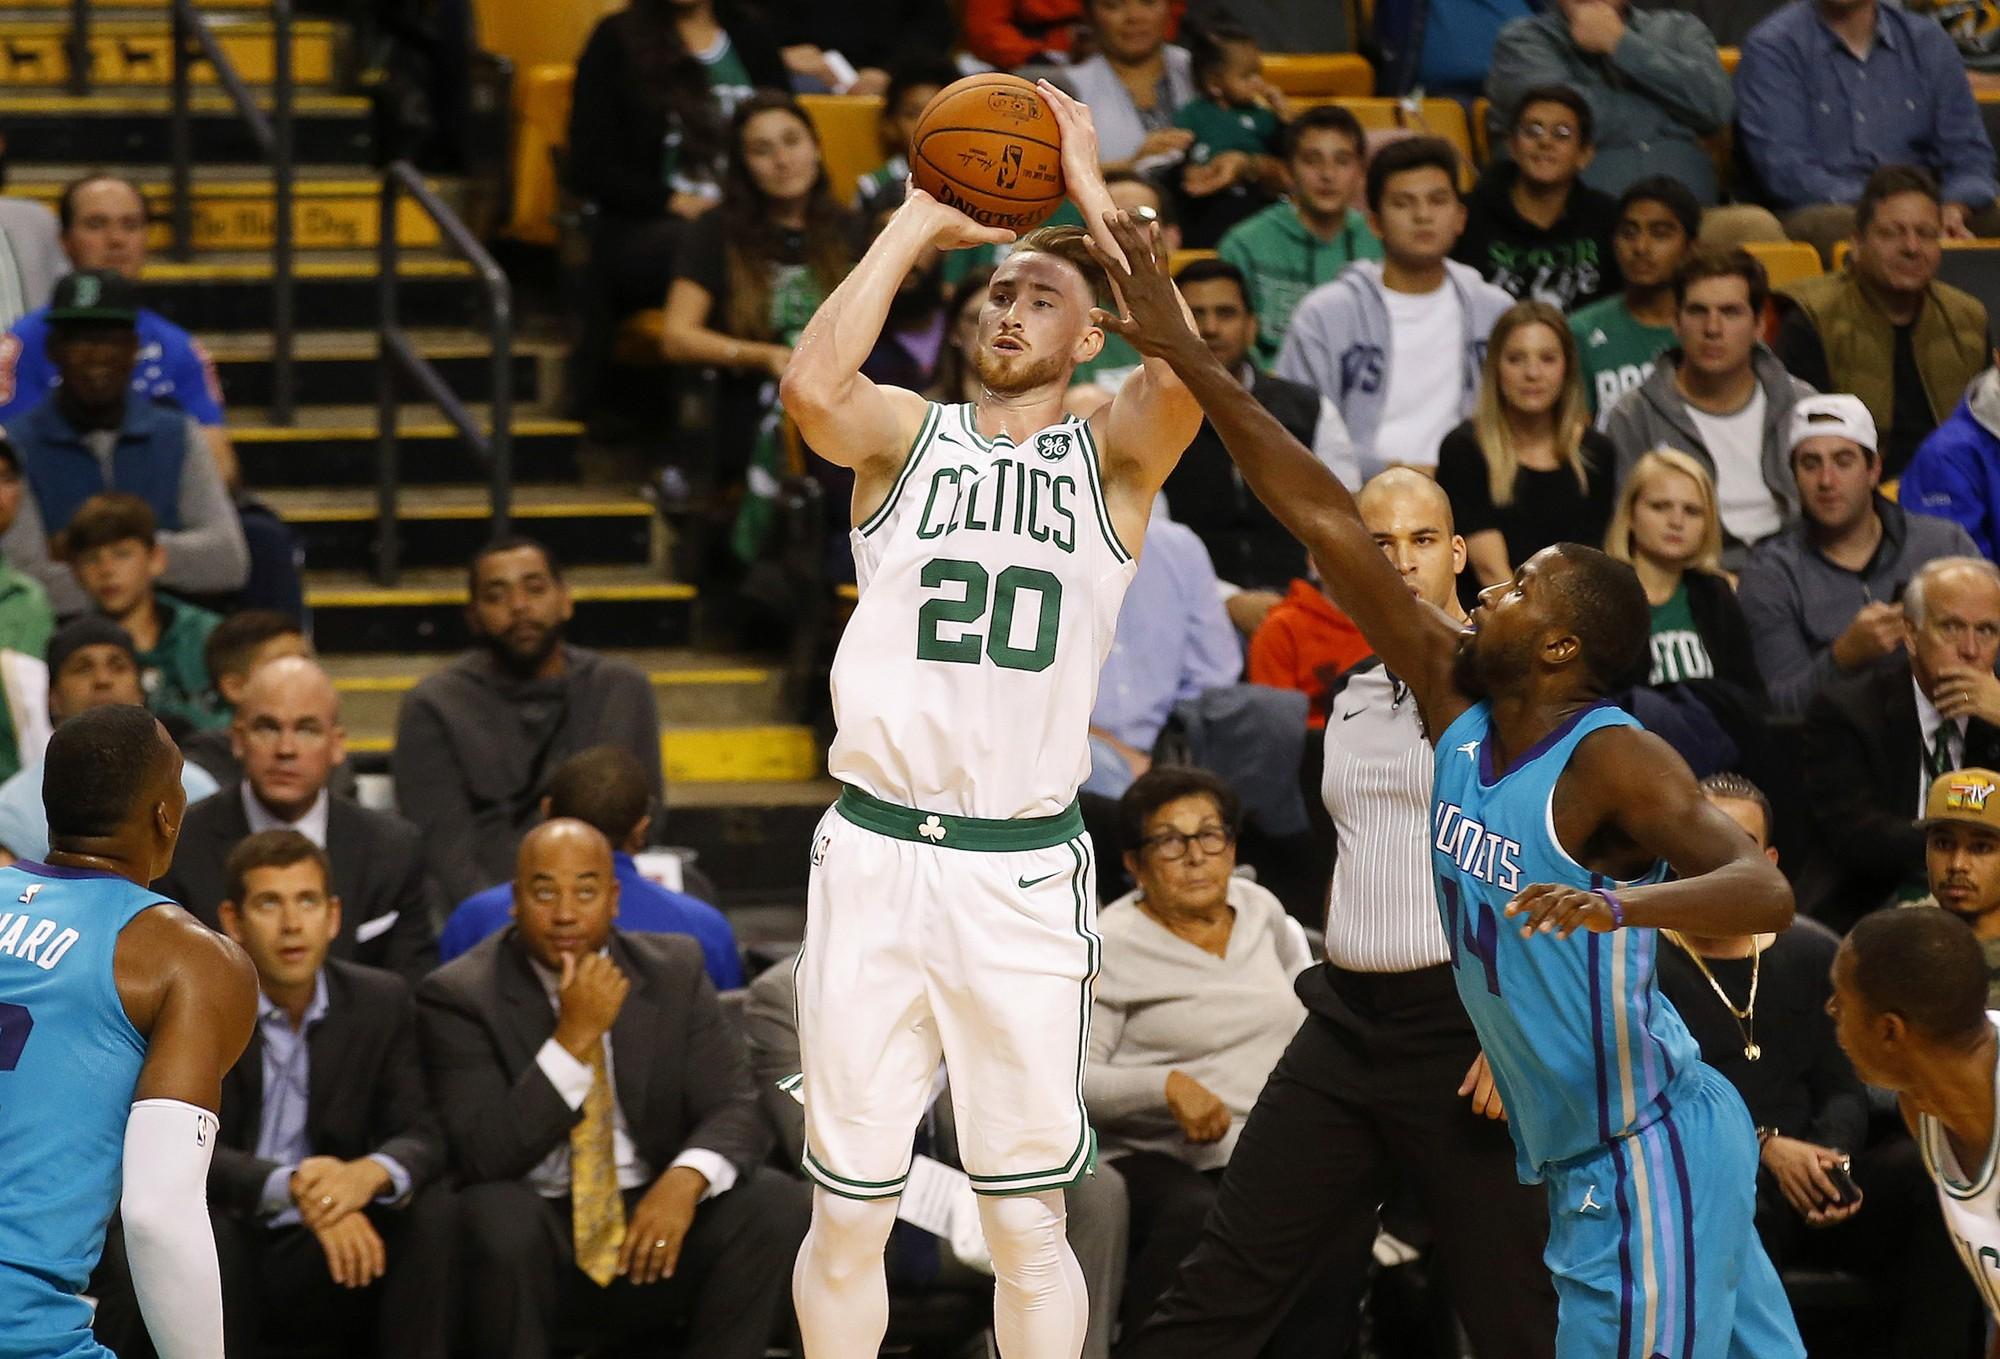 Chấn thương suốt mùa qua, Gordon Hayward vẫn đứng hạng 25 trong top 100 cầu thủ xuất sắc nhất NBA - Ảnh 1.